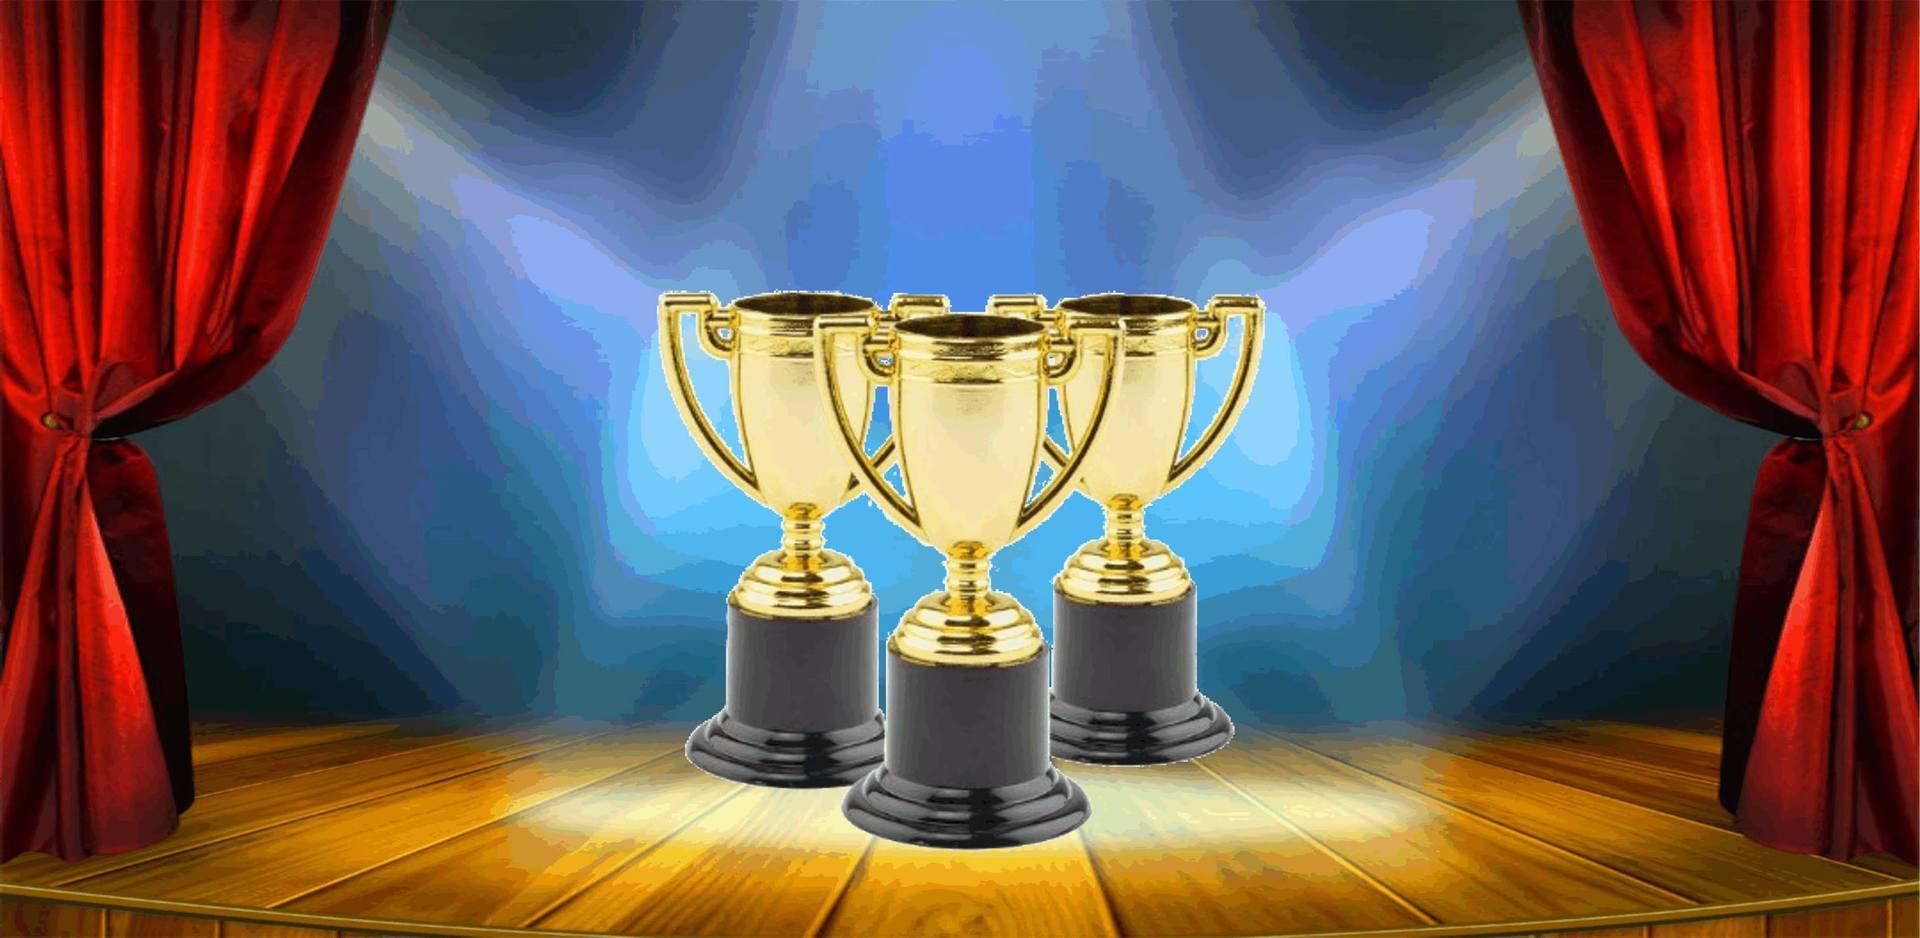 Tre trofei d'oro